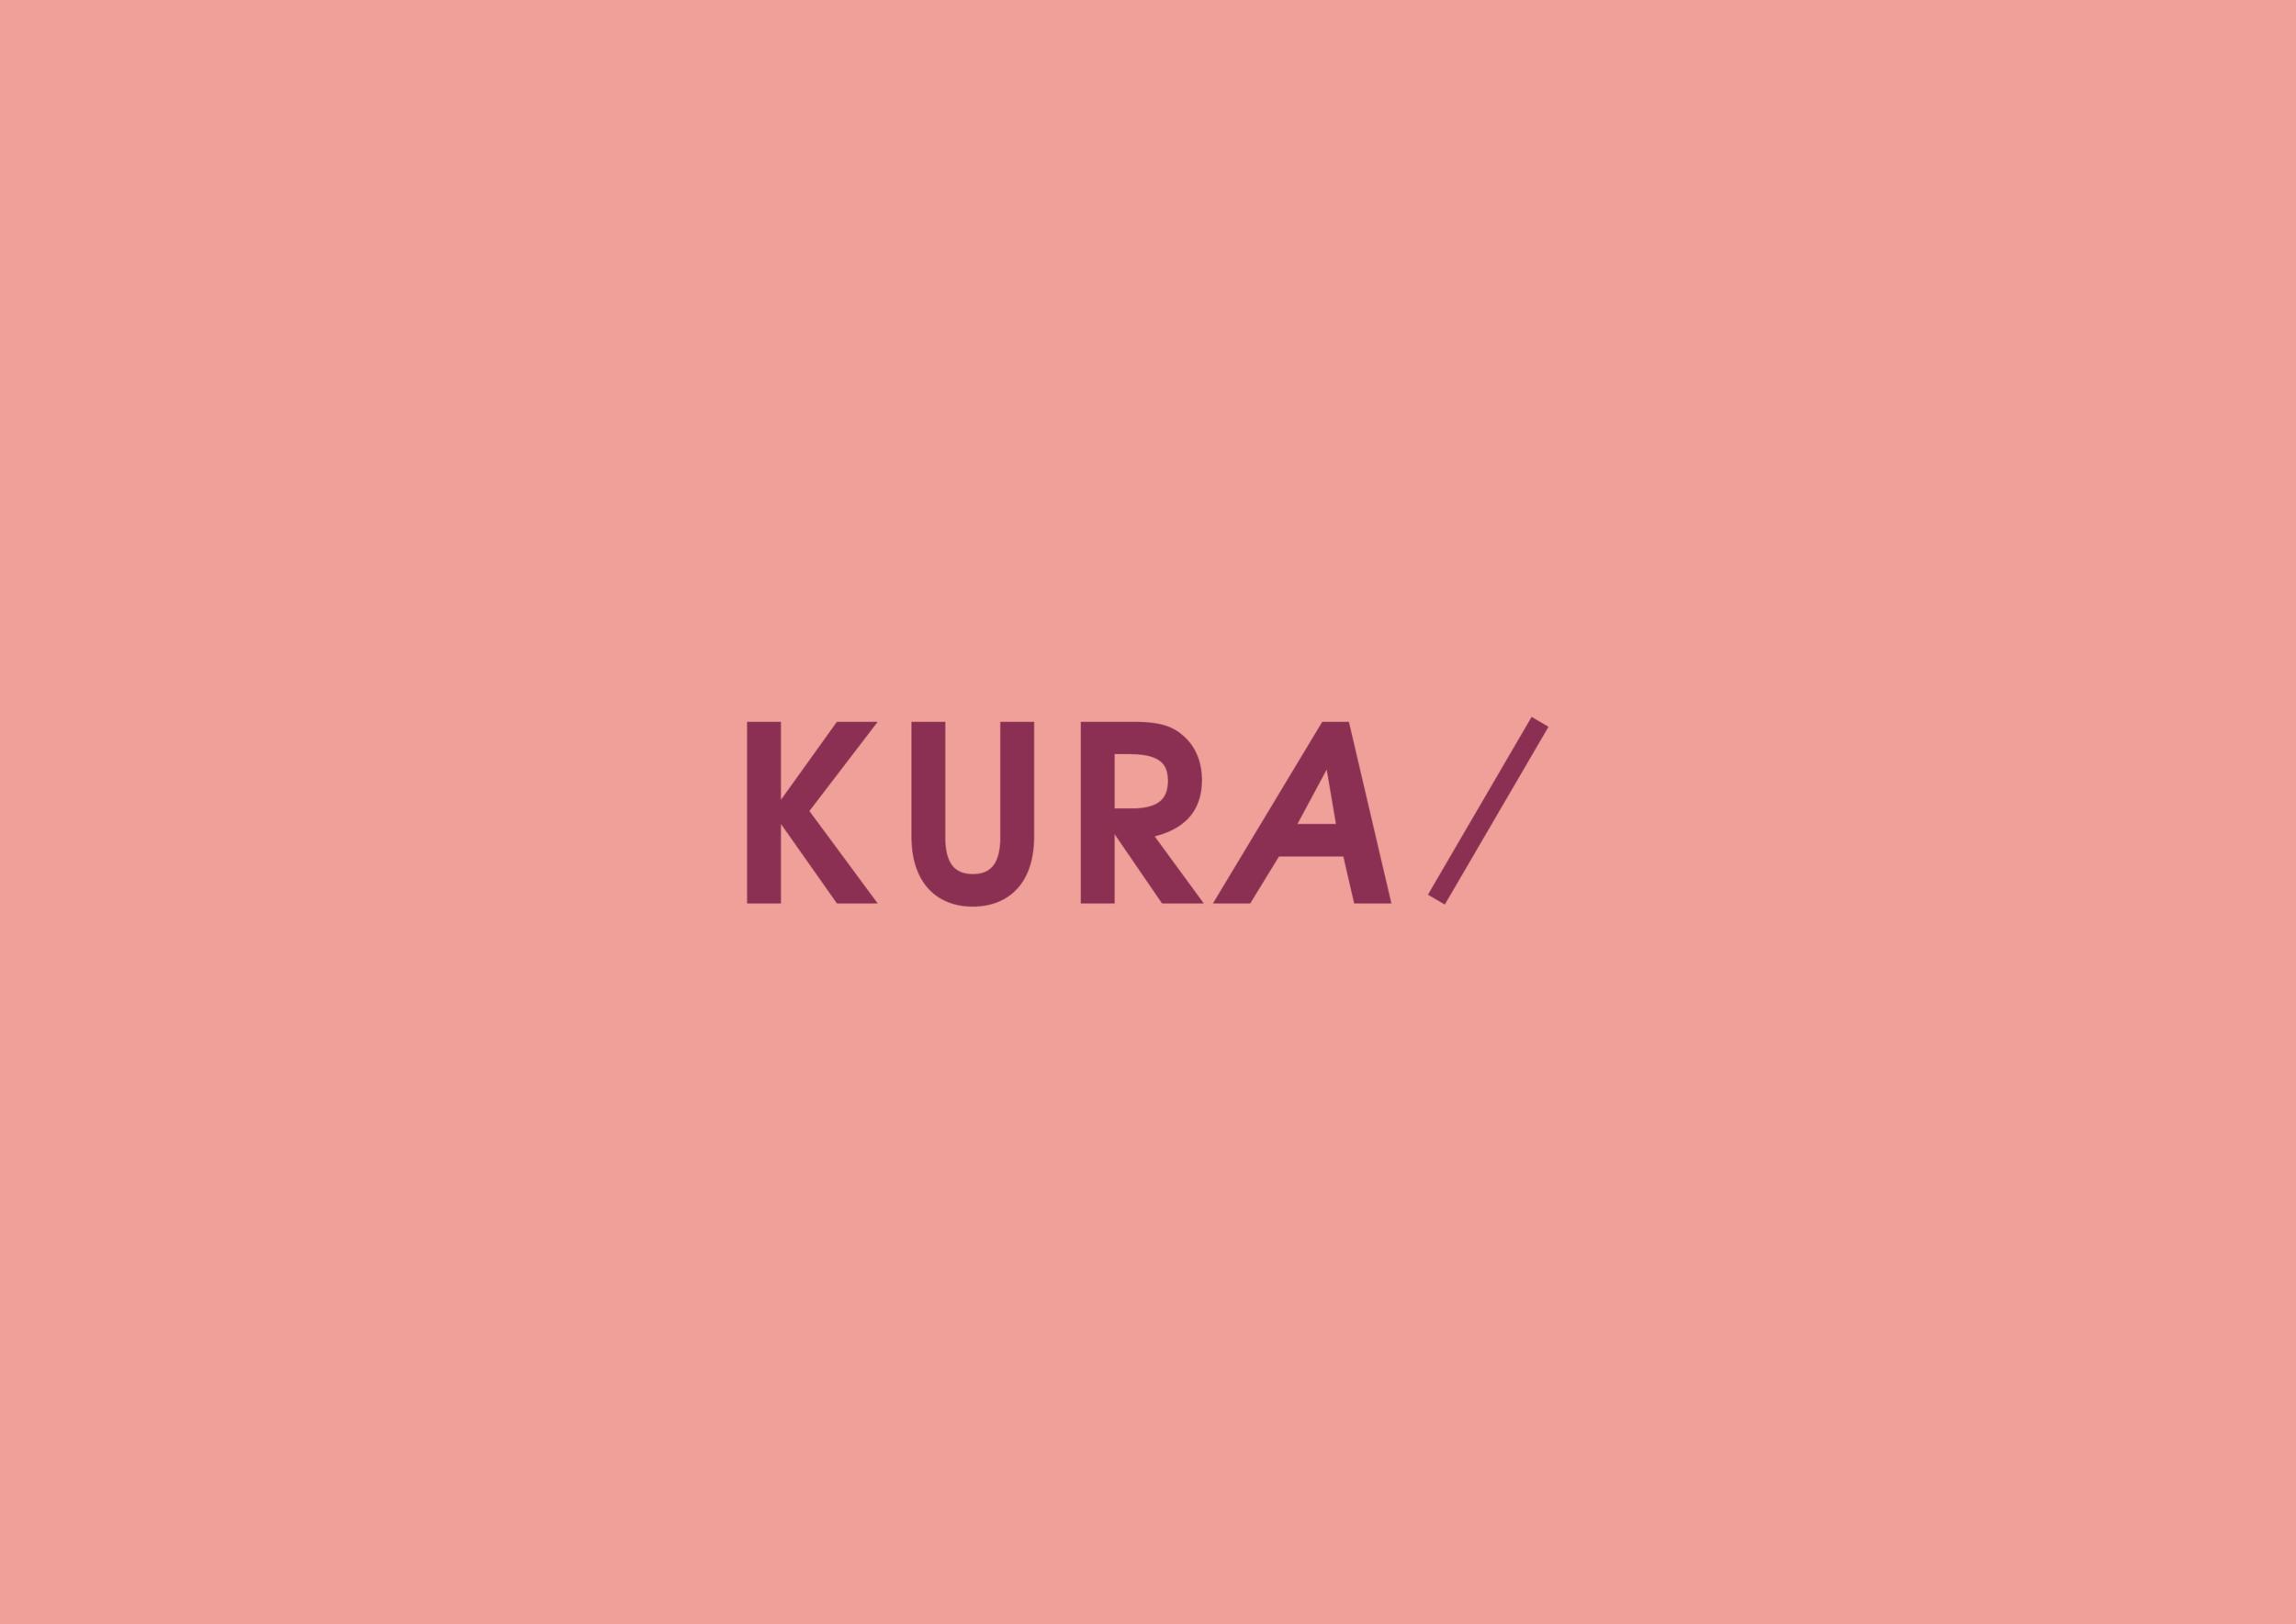 KURA_logo secundaria_RGB-02.png